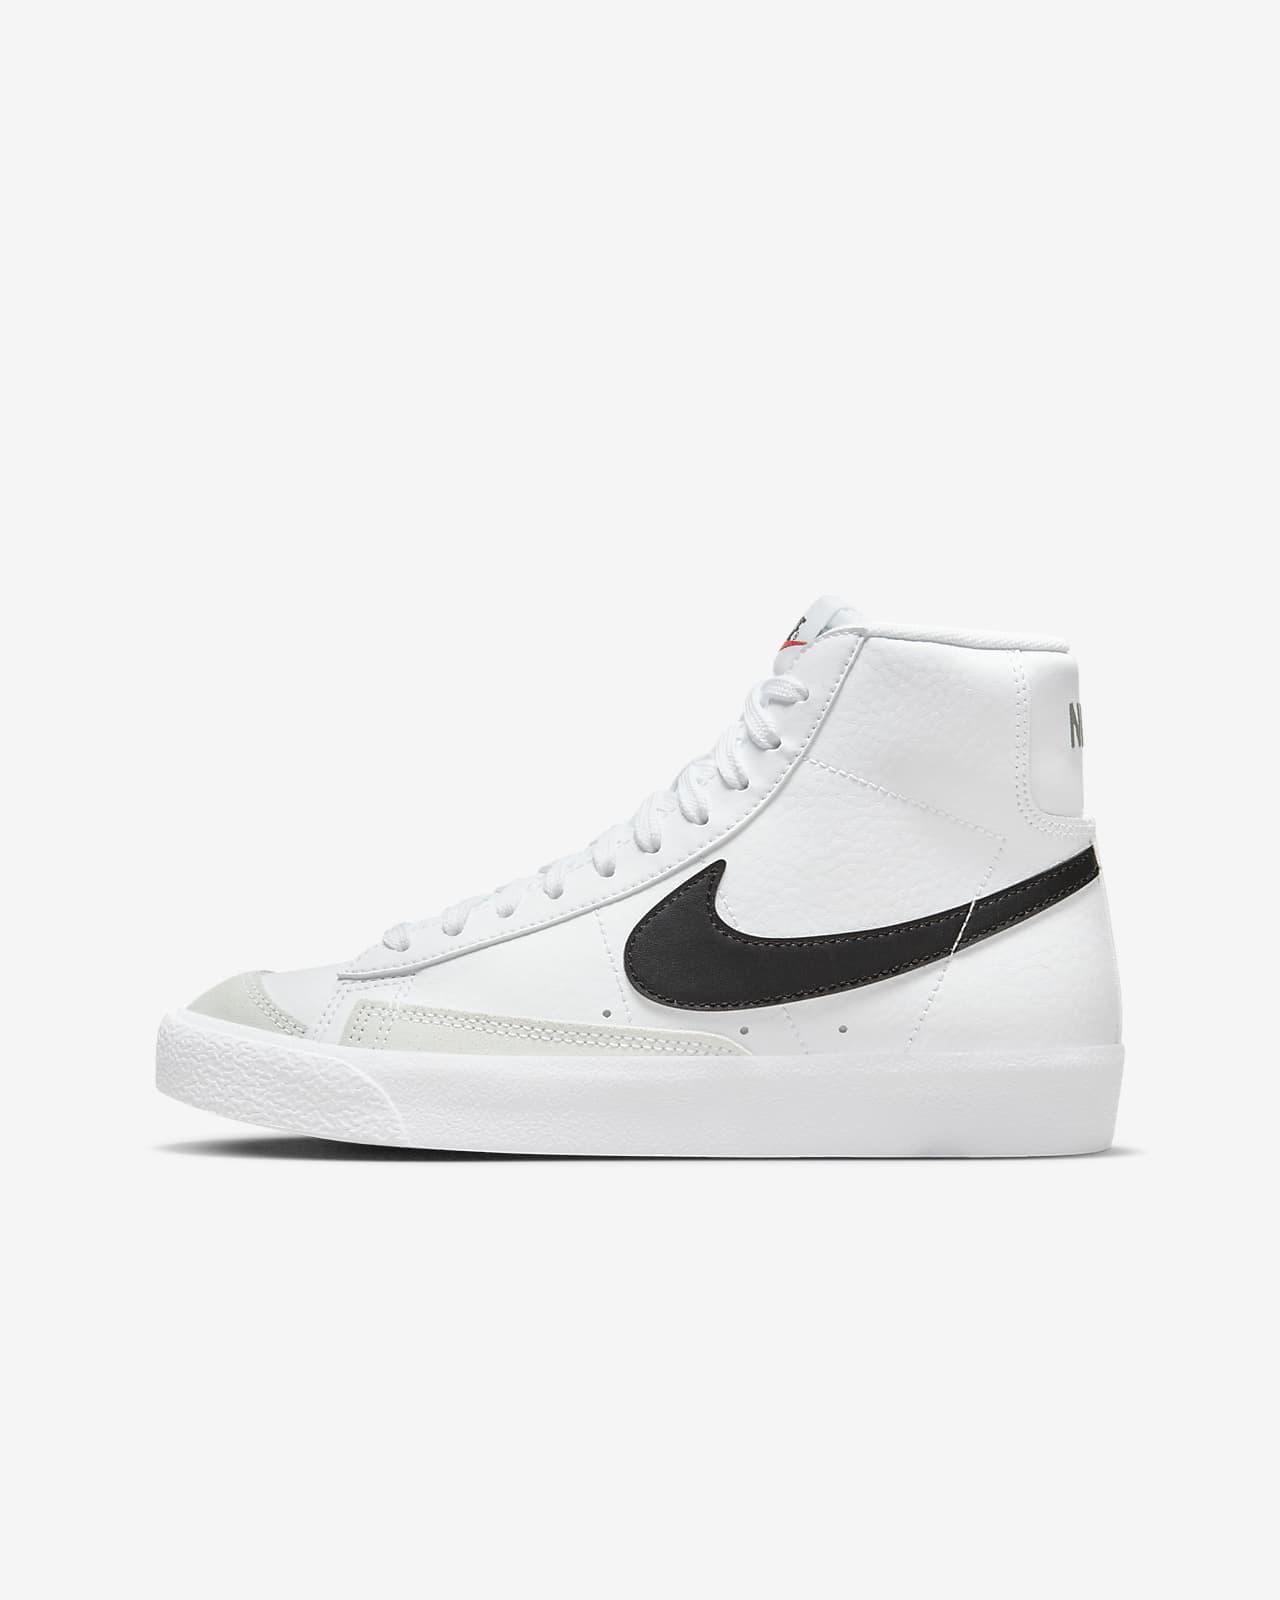 Nike Blazer Mid '77 Genç Çocuk Ayakkabısı